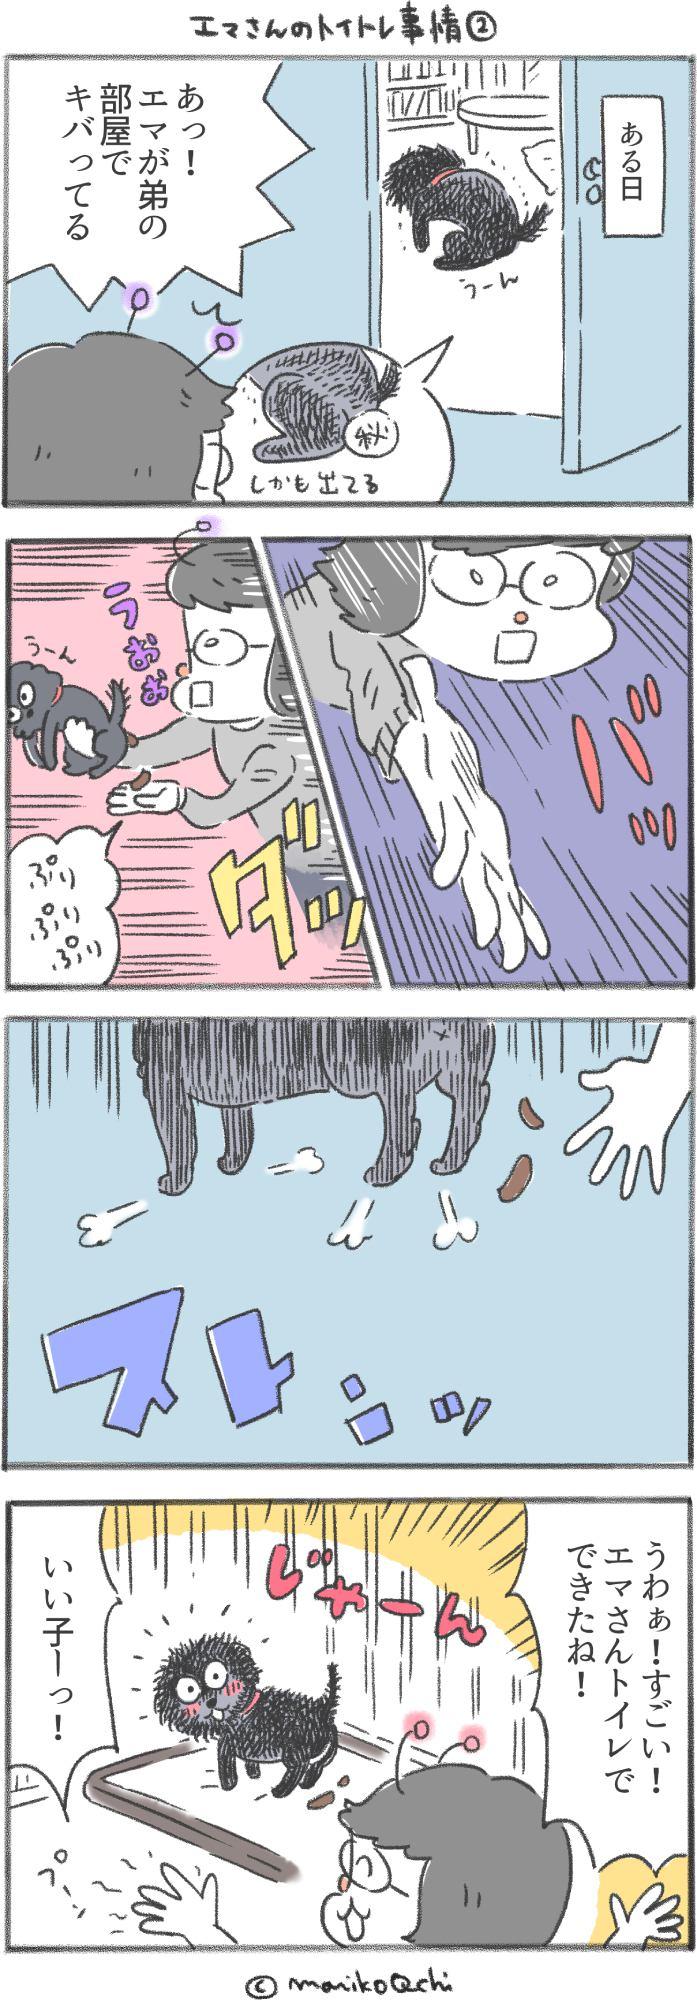 犬と暮らせば 第147話